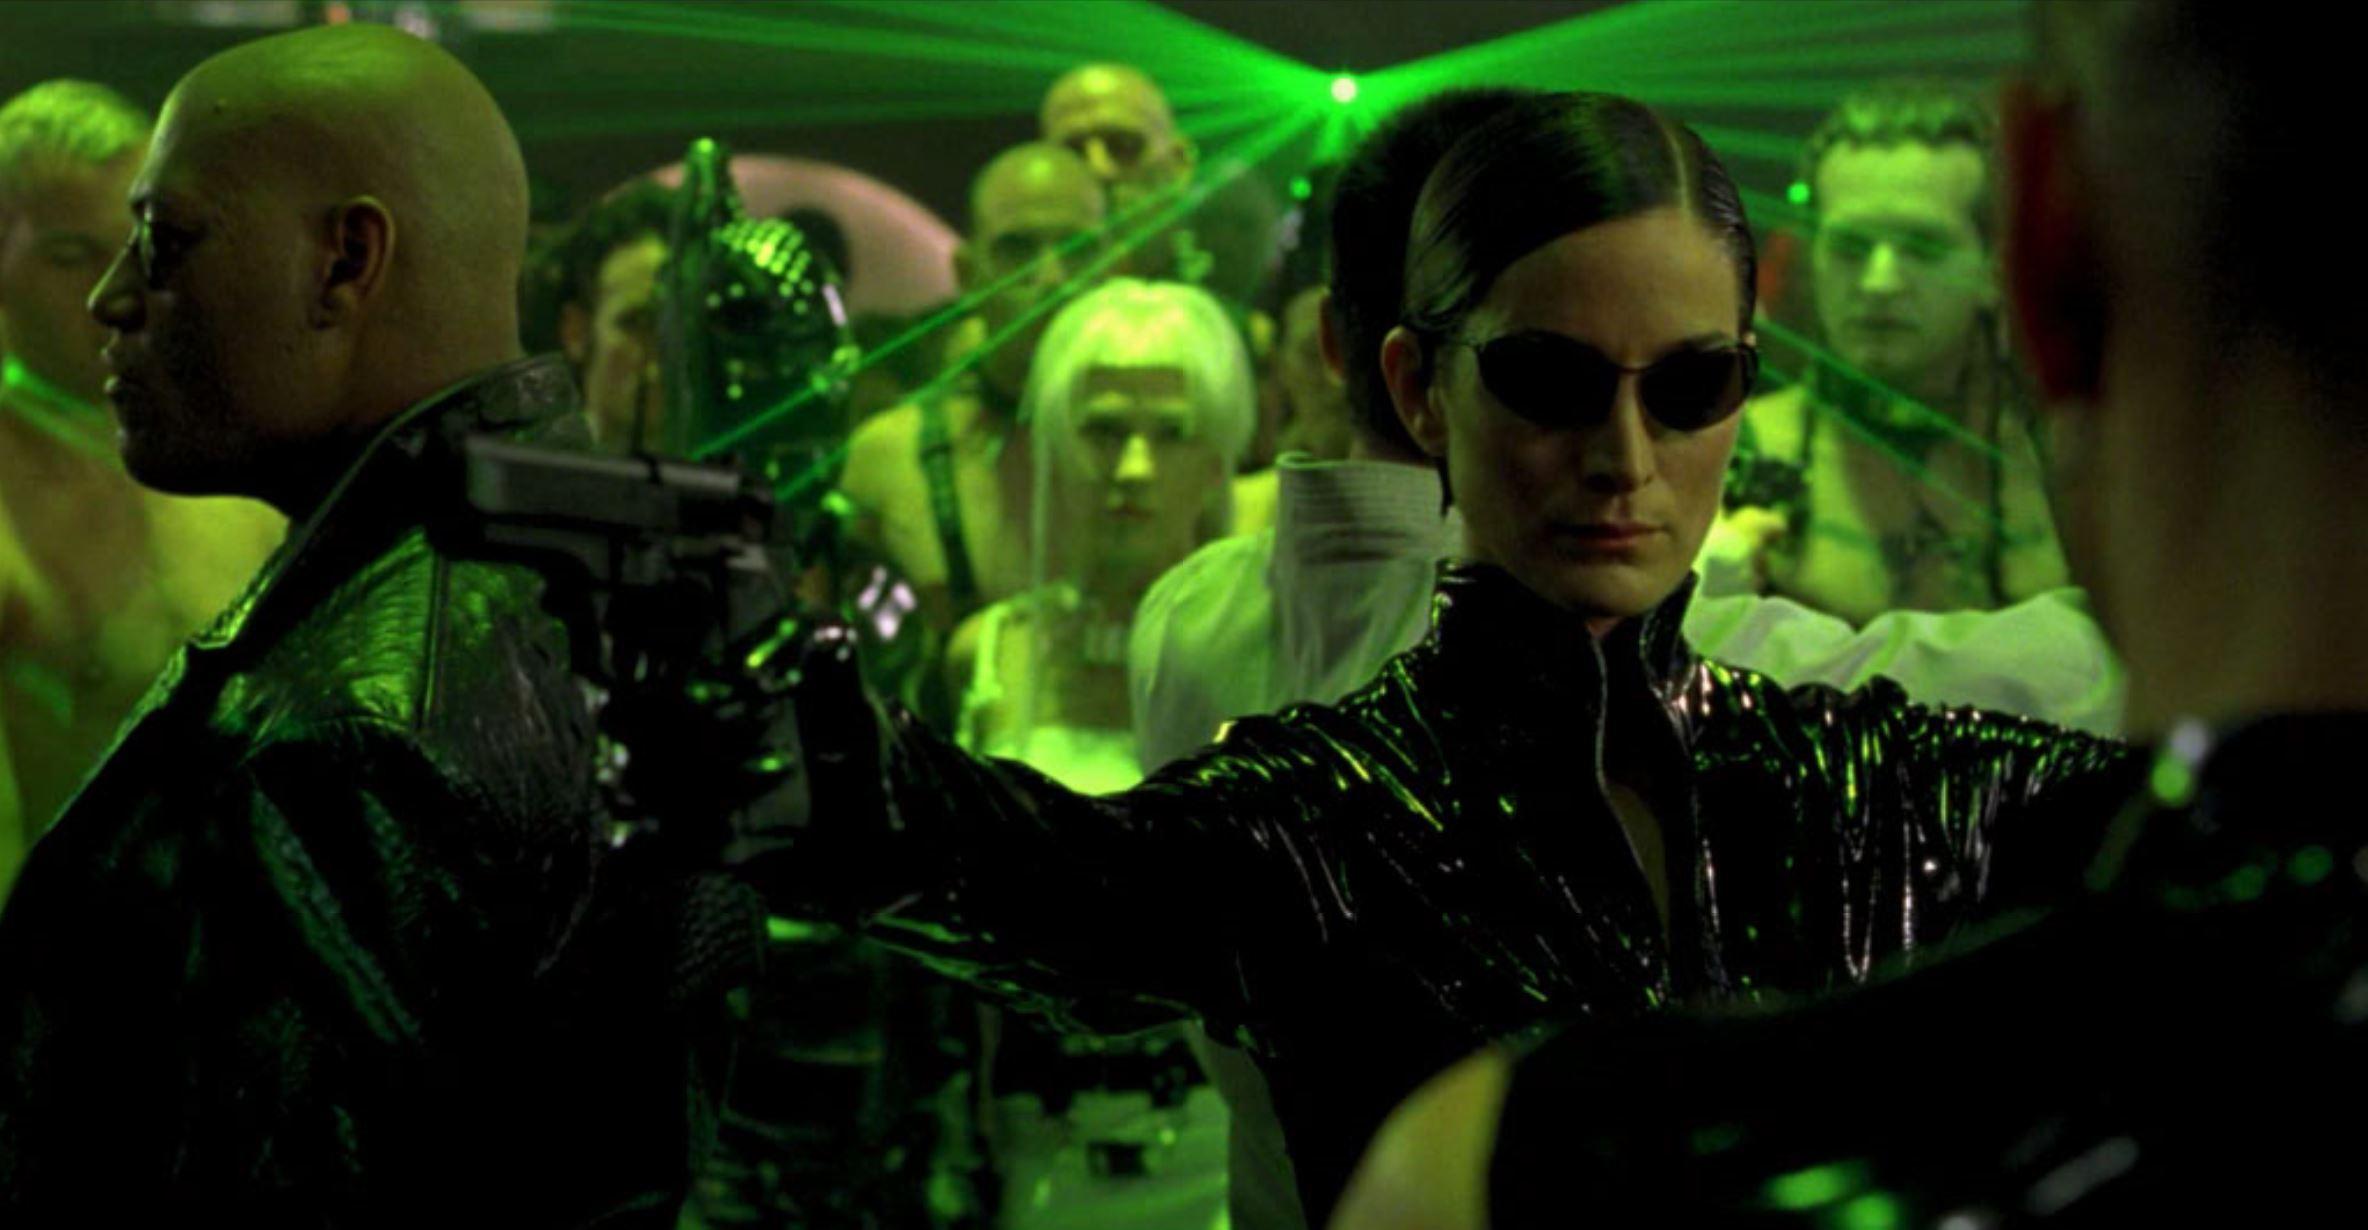 Matrix NEO Council